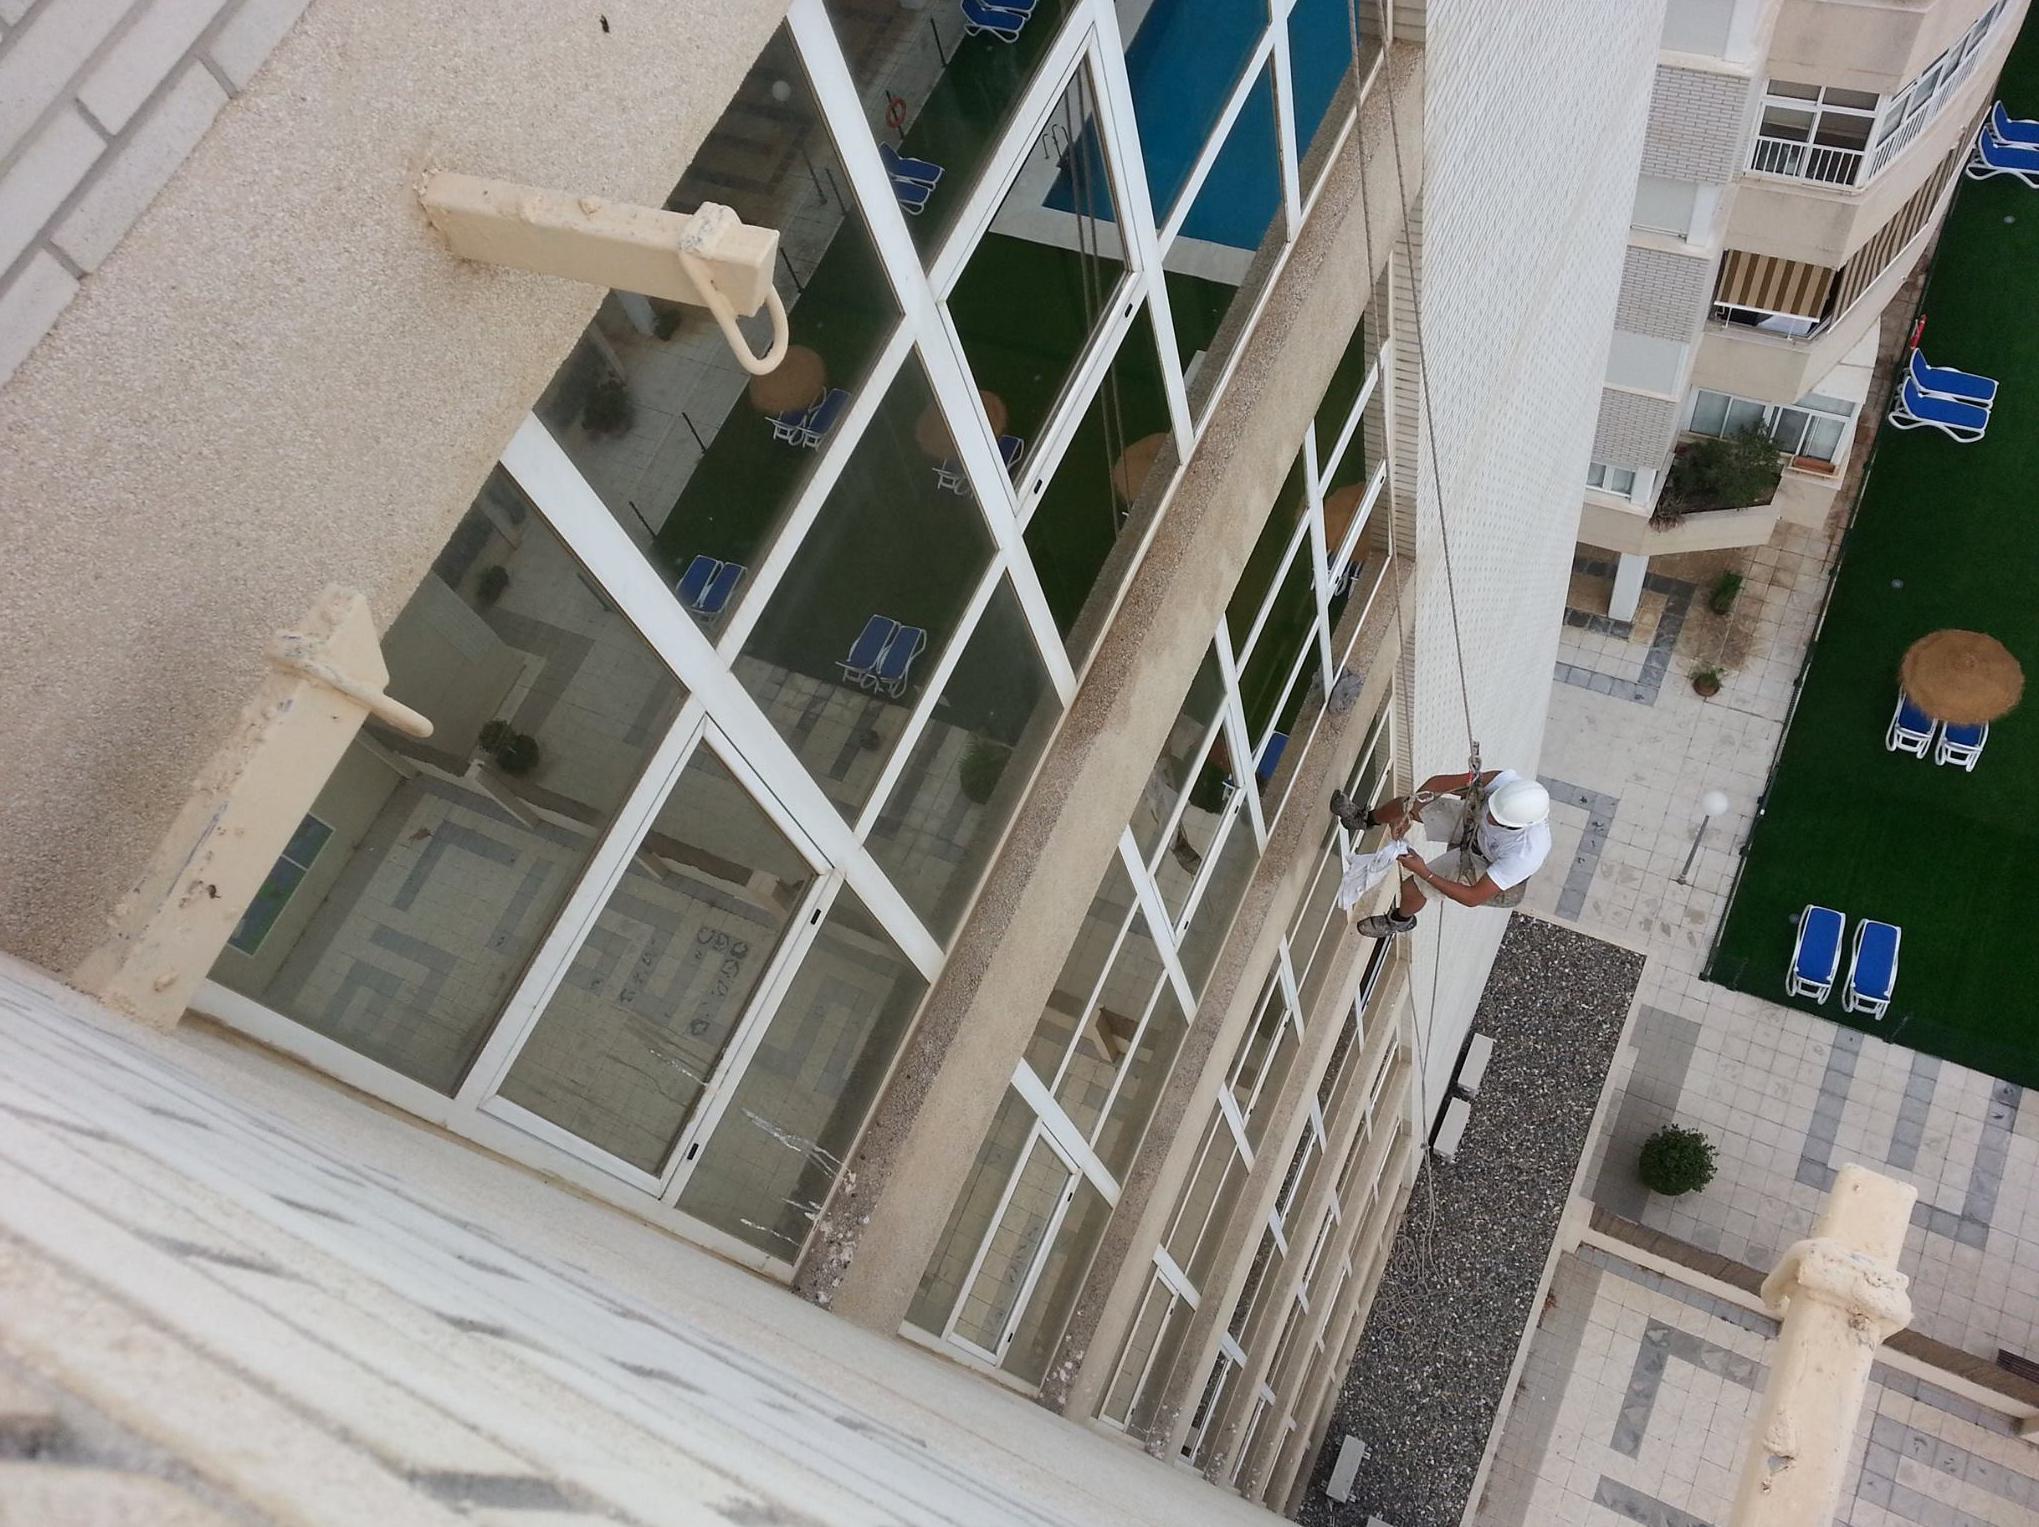 Trabajos verticales. Limpieza de fachadas